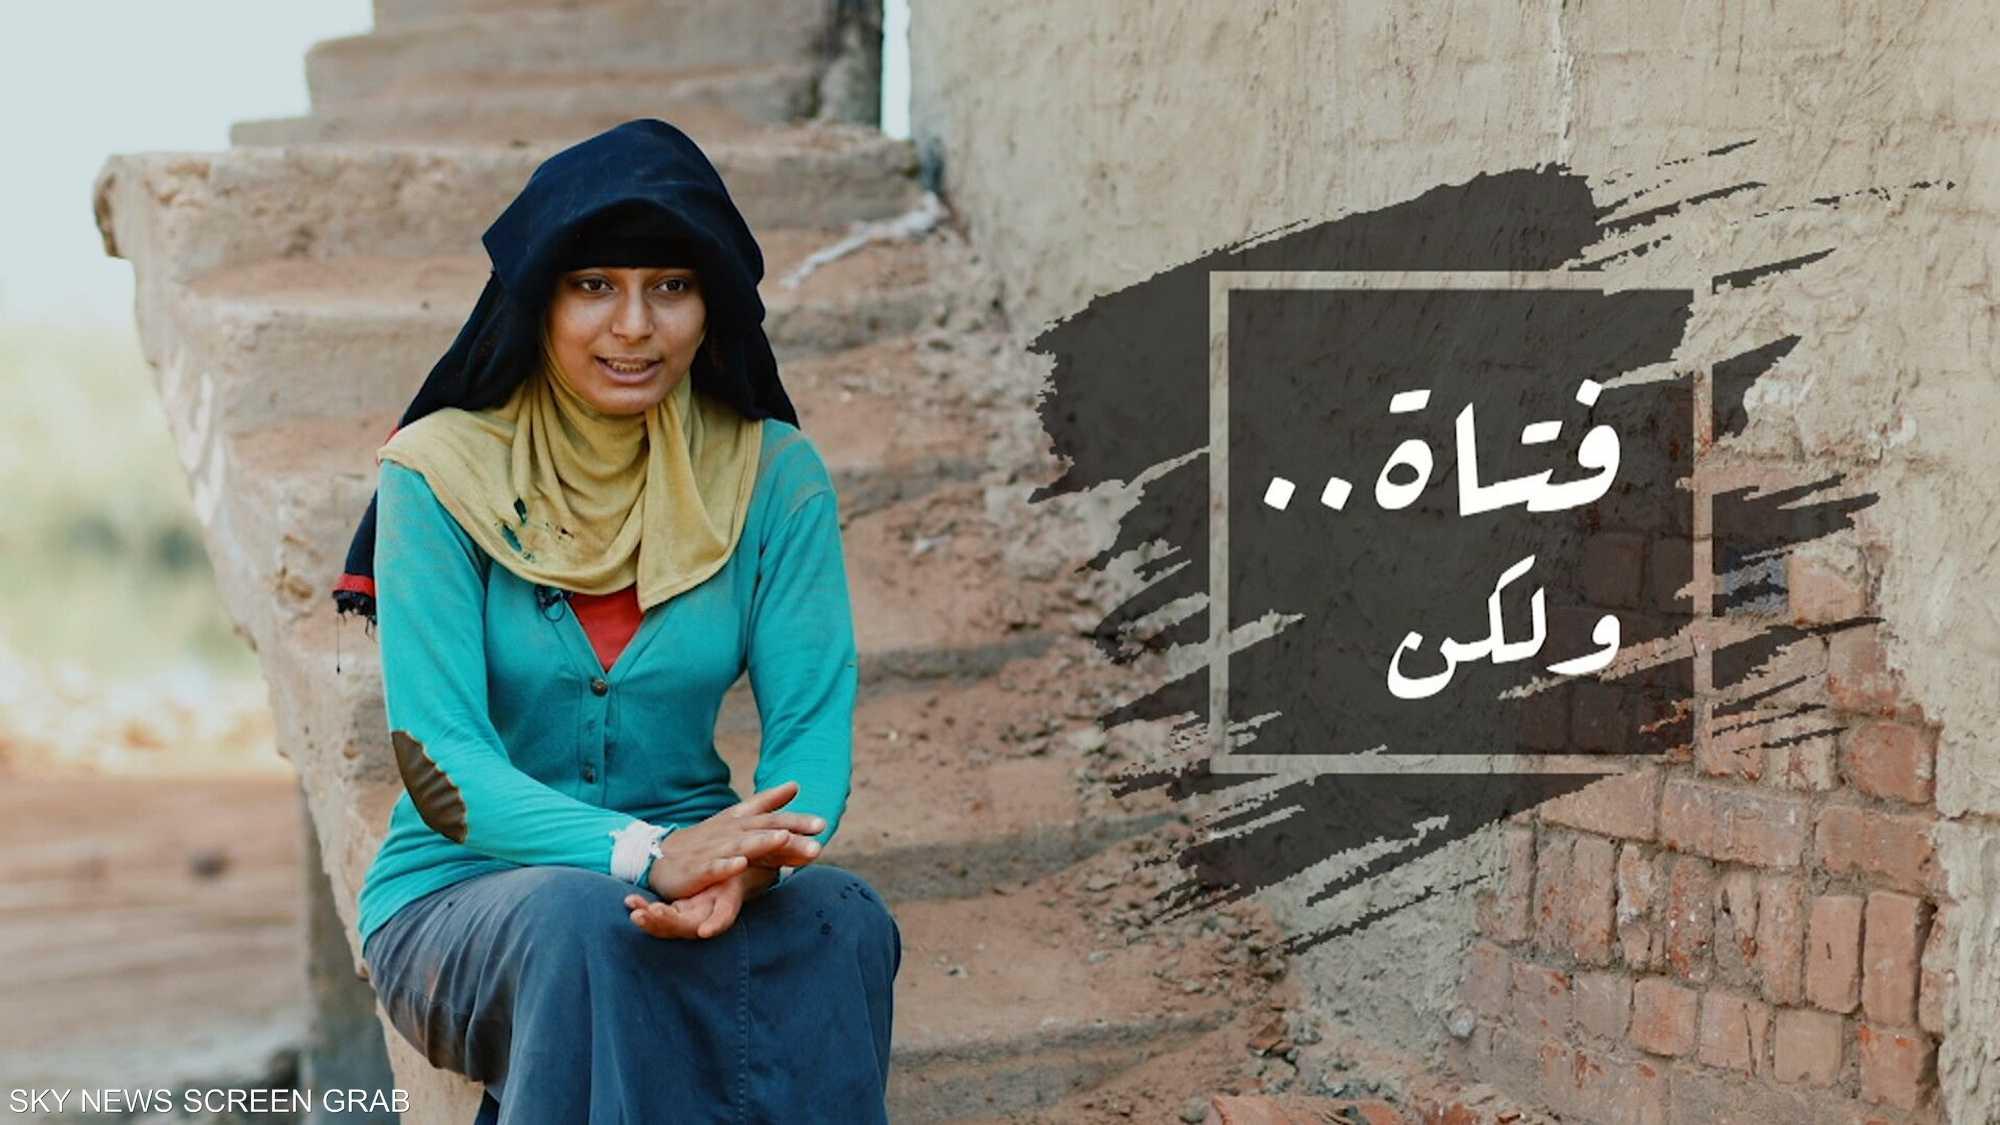 أسماء فتحي.. نموذج للمرأة المعيلة في مصر